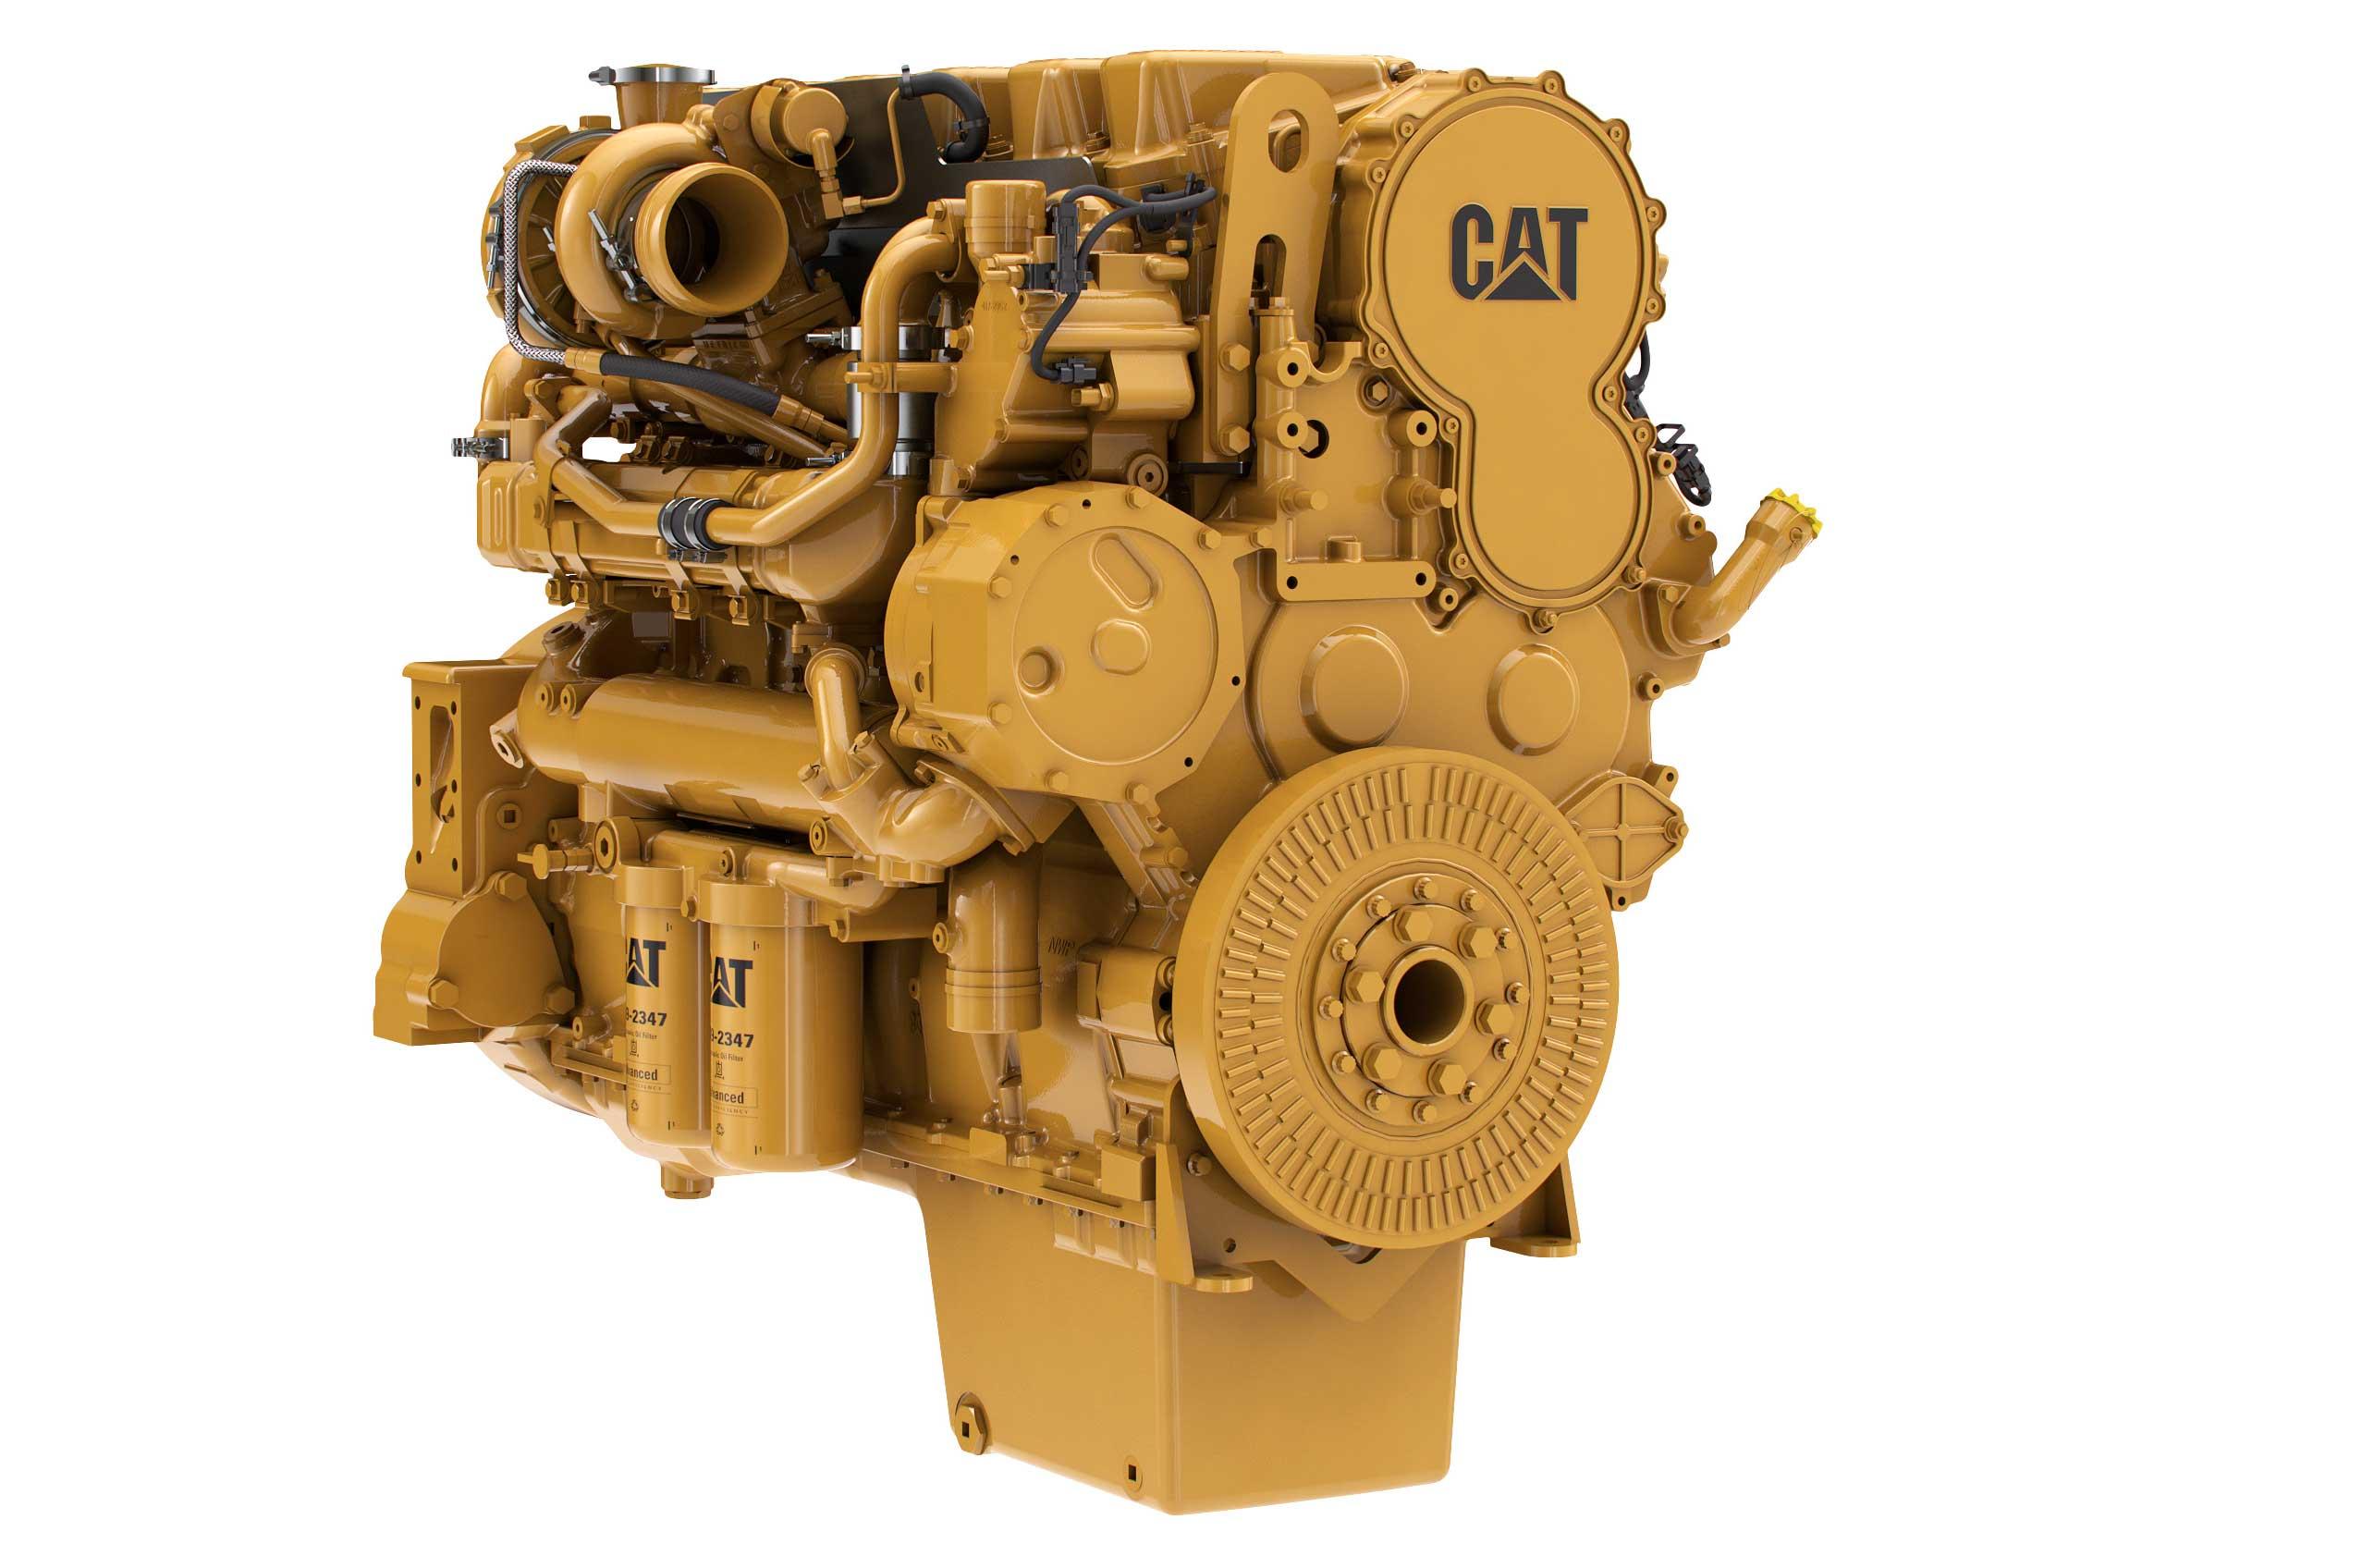 Hammel VB 1500 Shredder with Dual CAT C18 Diesel Engines